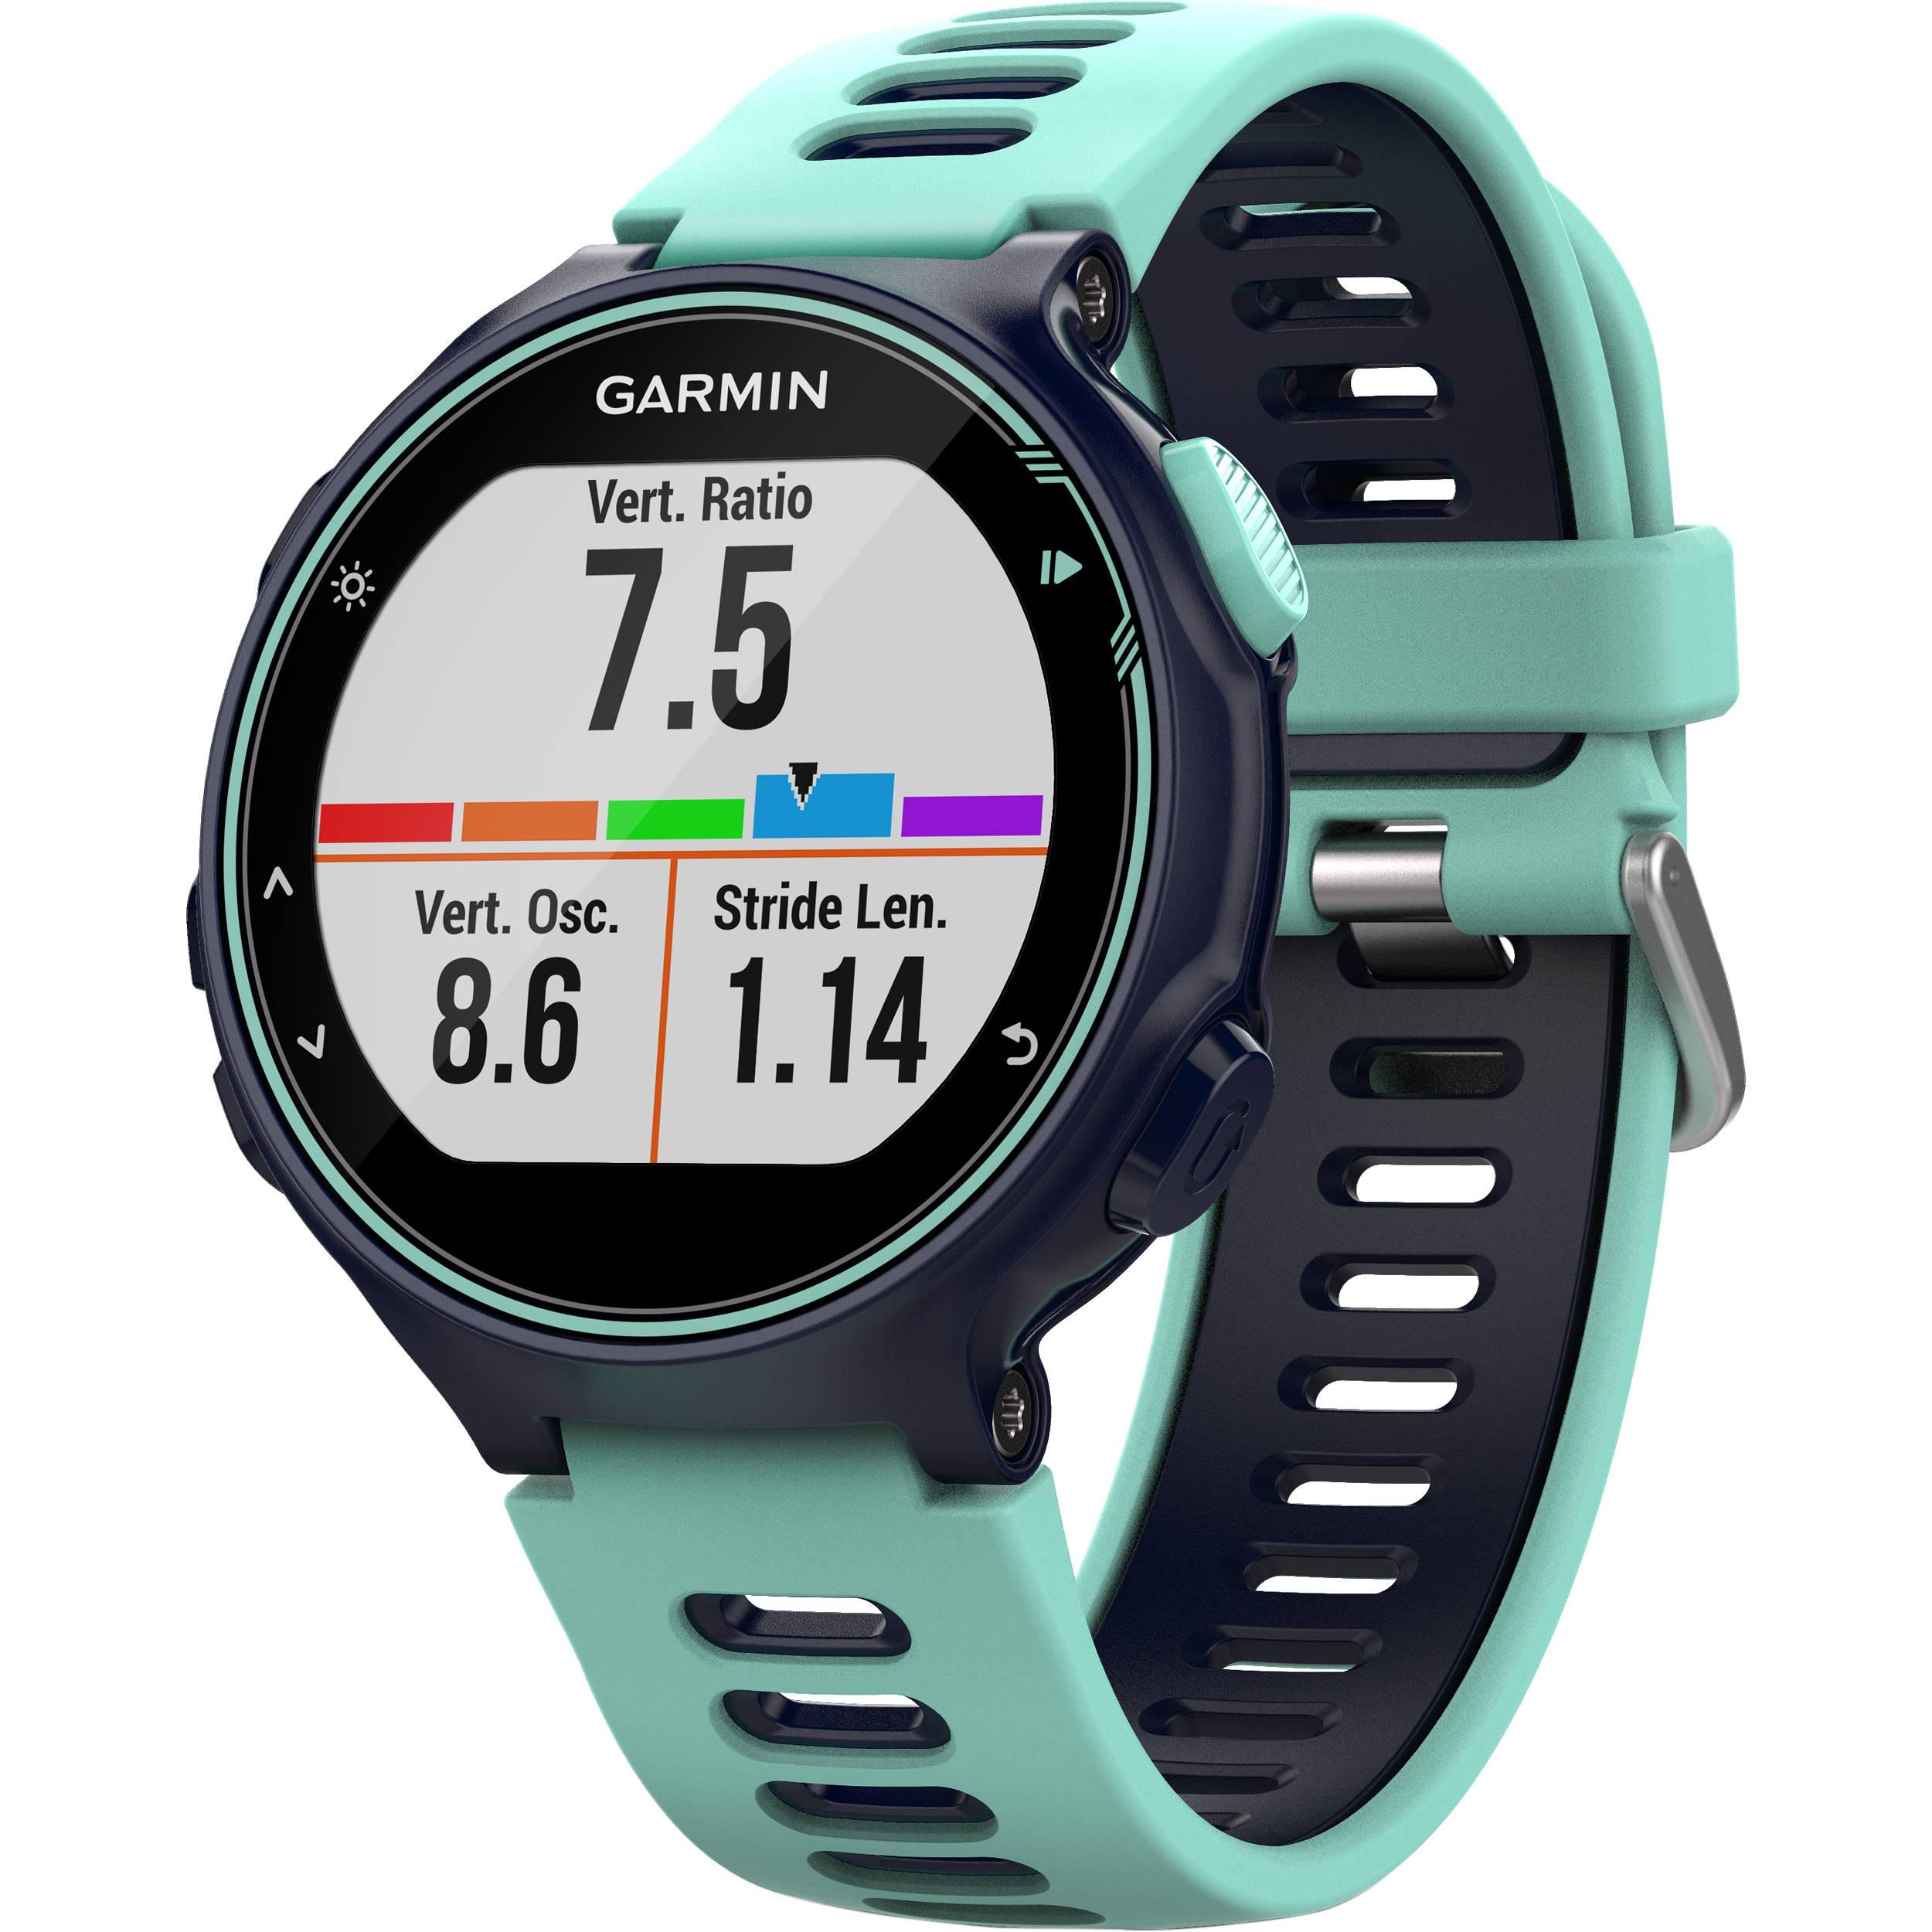 Garmin Sports Watch >> Garmin Forerunner 735xt Sport Watch 010 01614 01 B H Photo Video